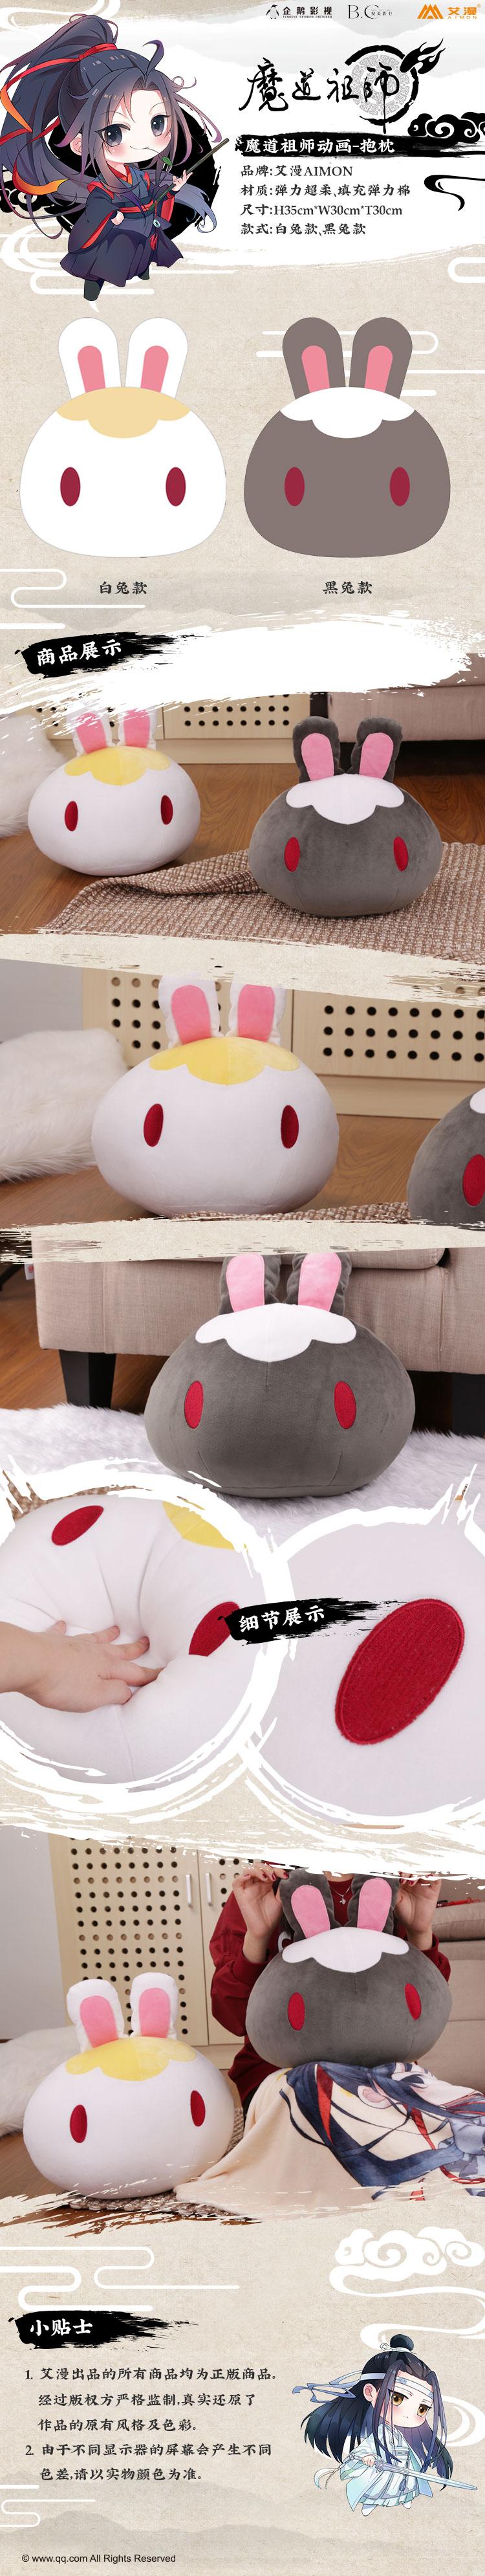 1541659654292兔子头抱枕-条图.jpg